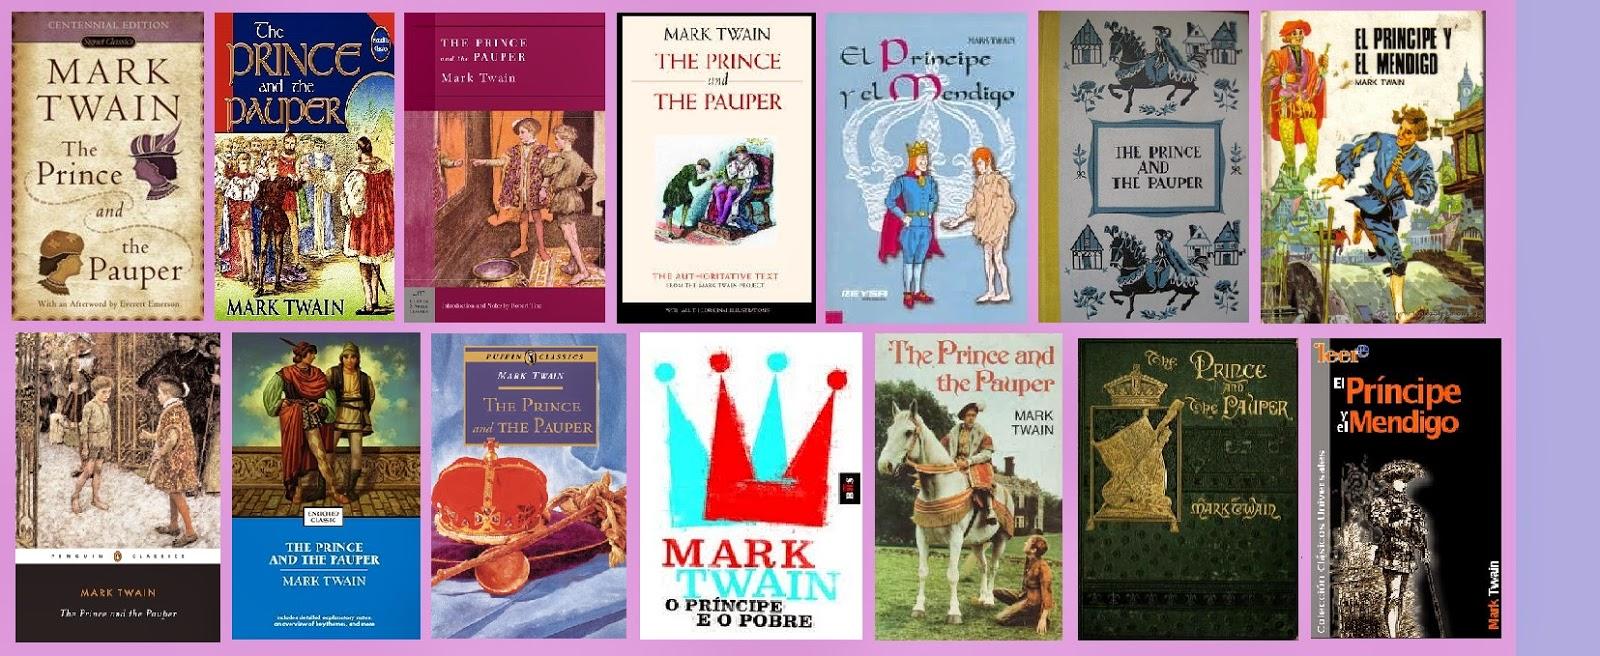 Portadas de la novela clásica juvenil El príncipe y el mendigo